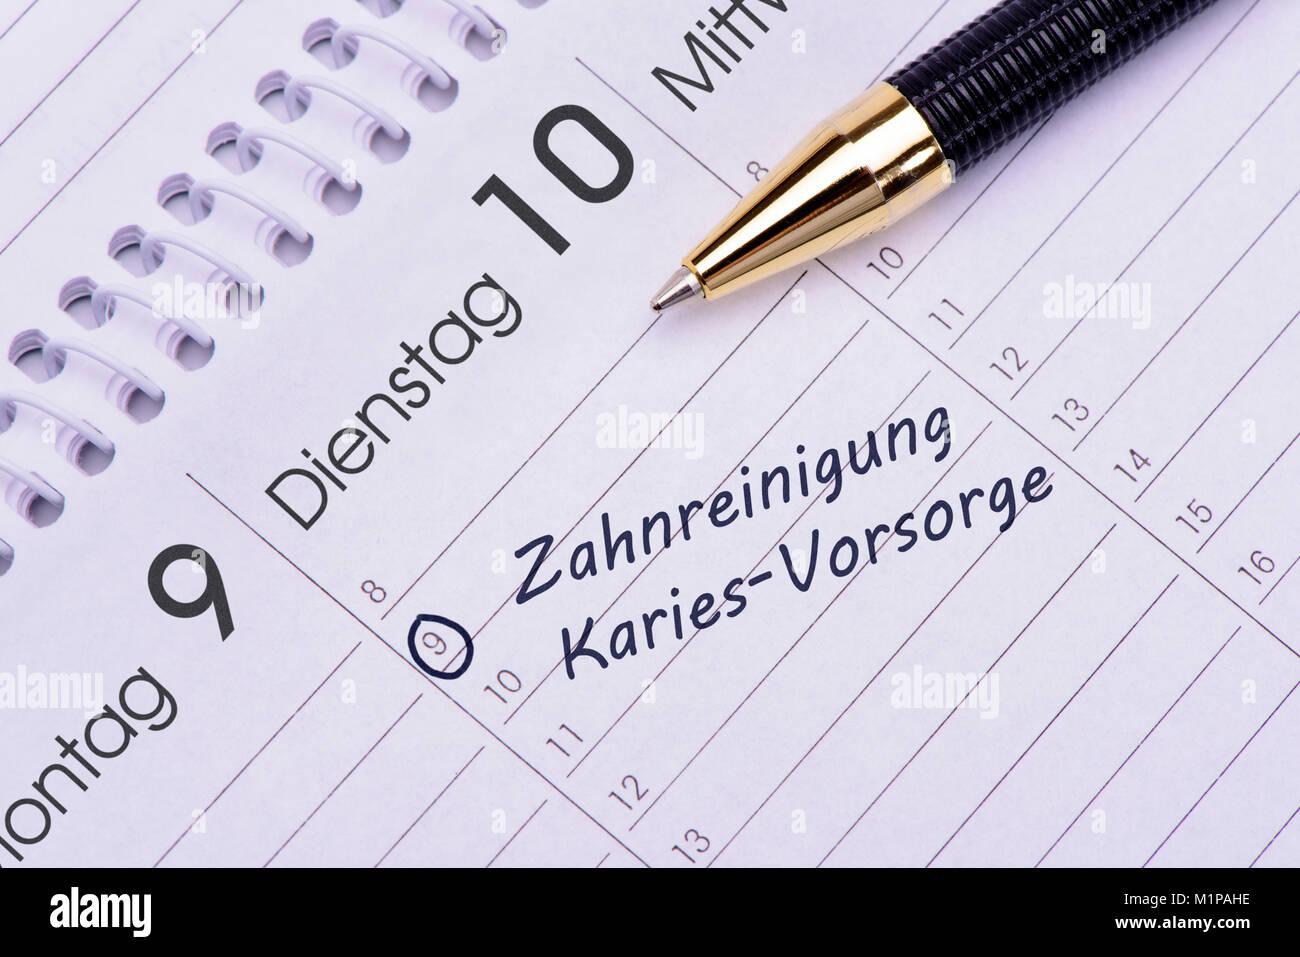 Zahnreinigung und Karies-Vorsorge als Eintrag im Terminkalender Stock Photo